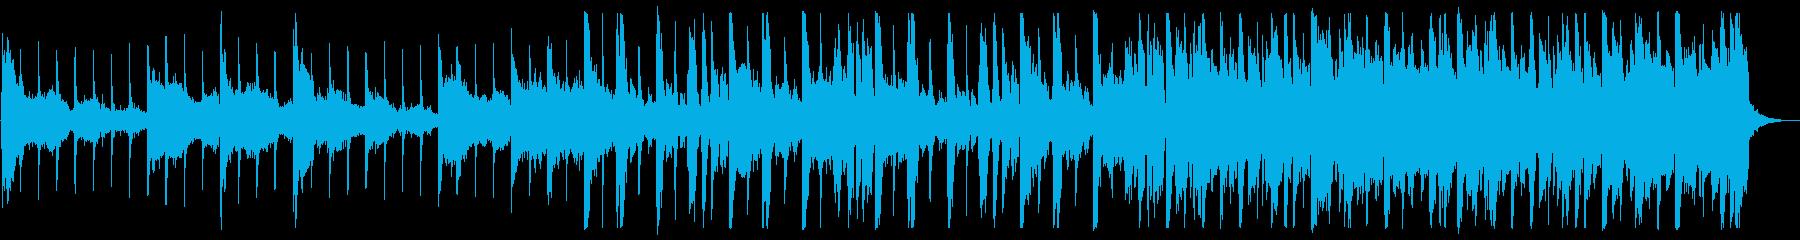 優しい雰囲気のR&B_No495_2の再生済みの波形